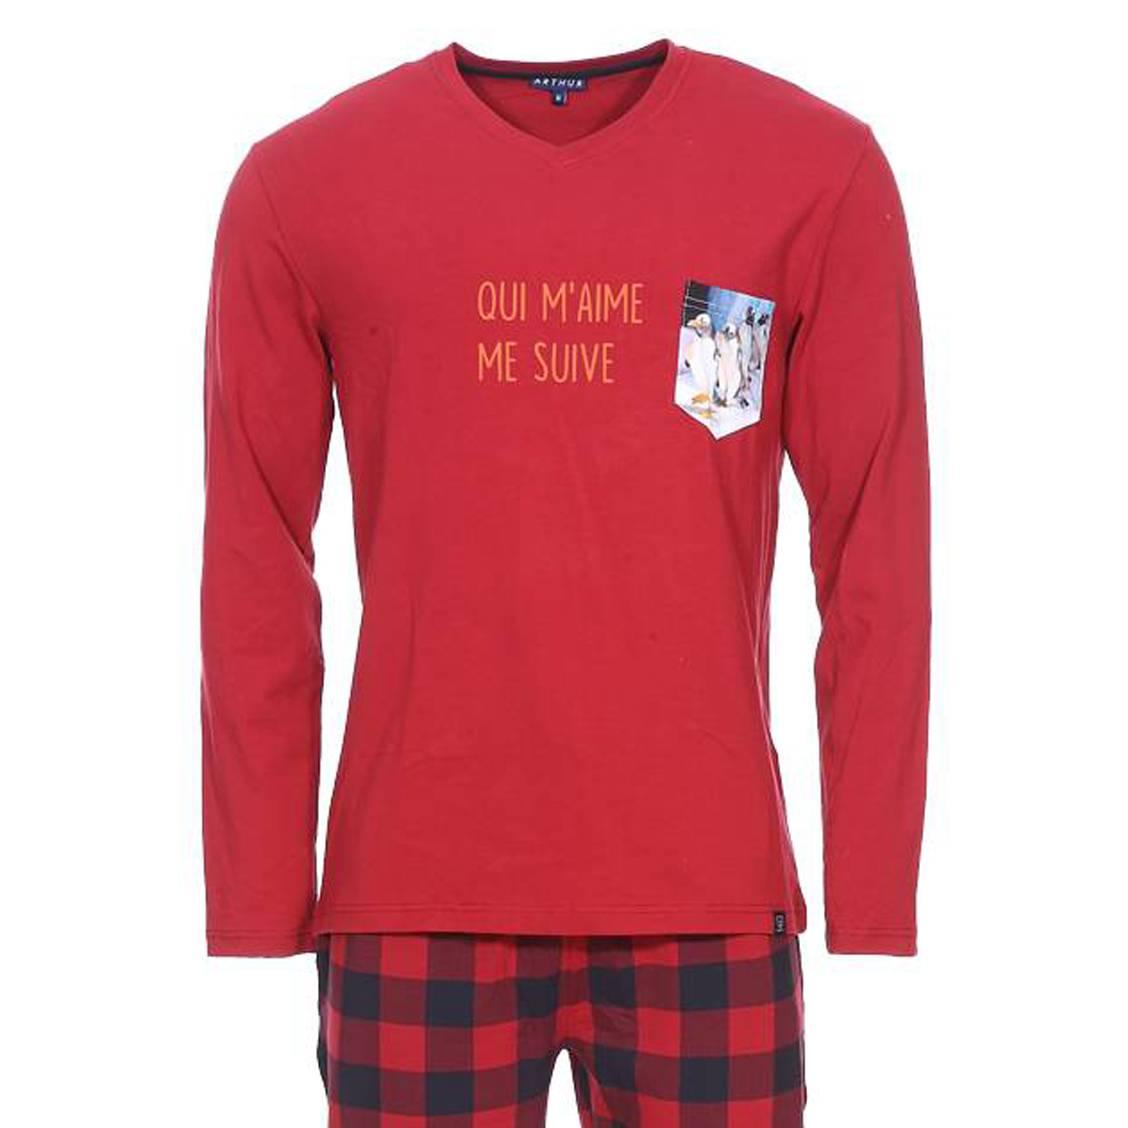 Pyjama long Arthur Manchot en coton stretch: tee-shirt manches longues col V bordeaux floqué et pant